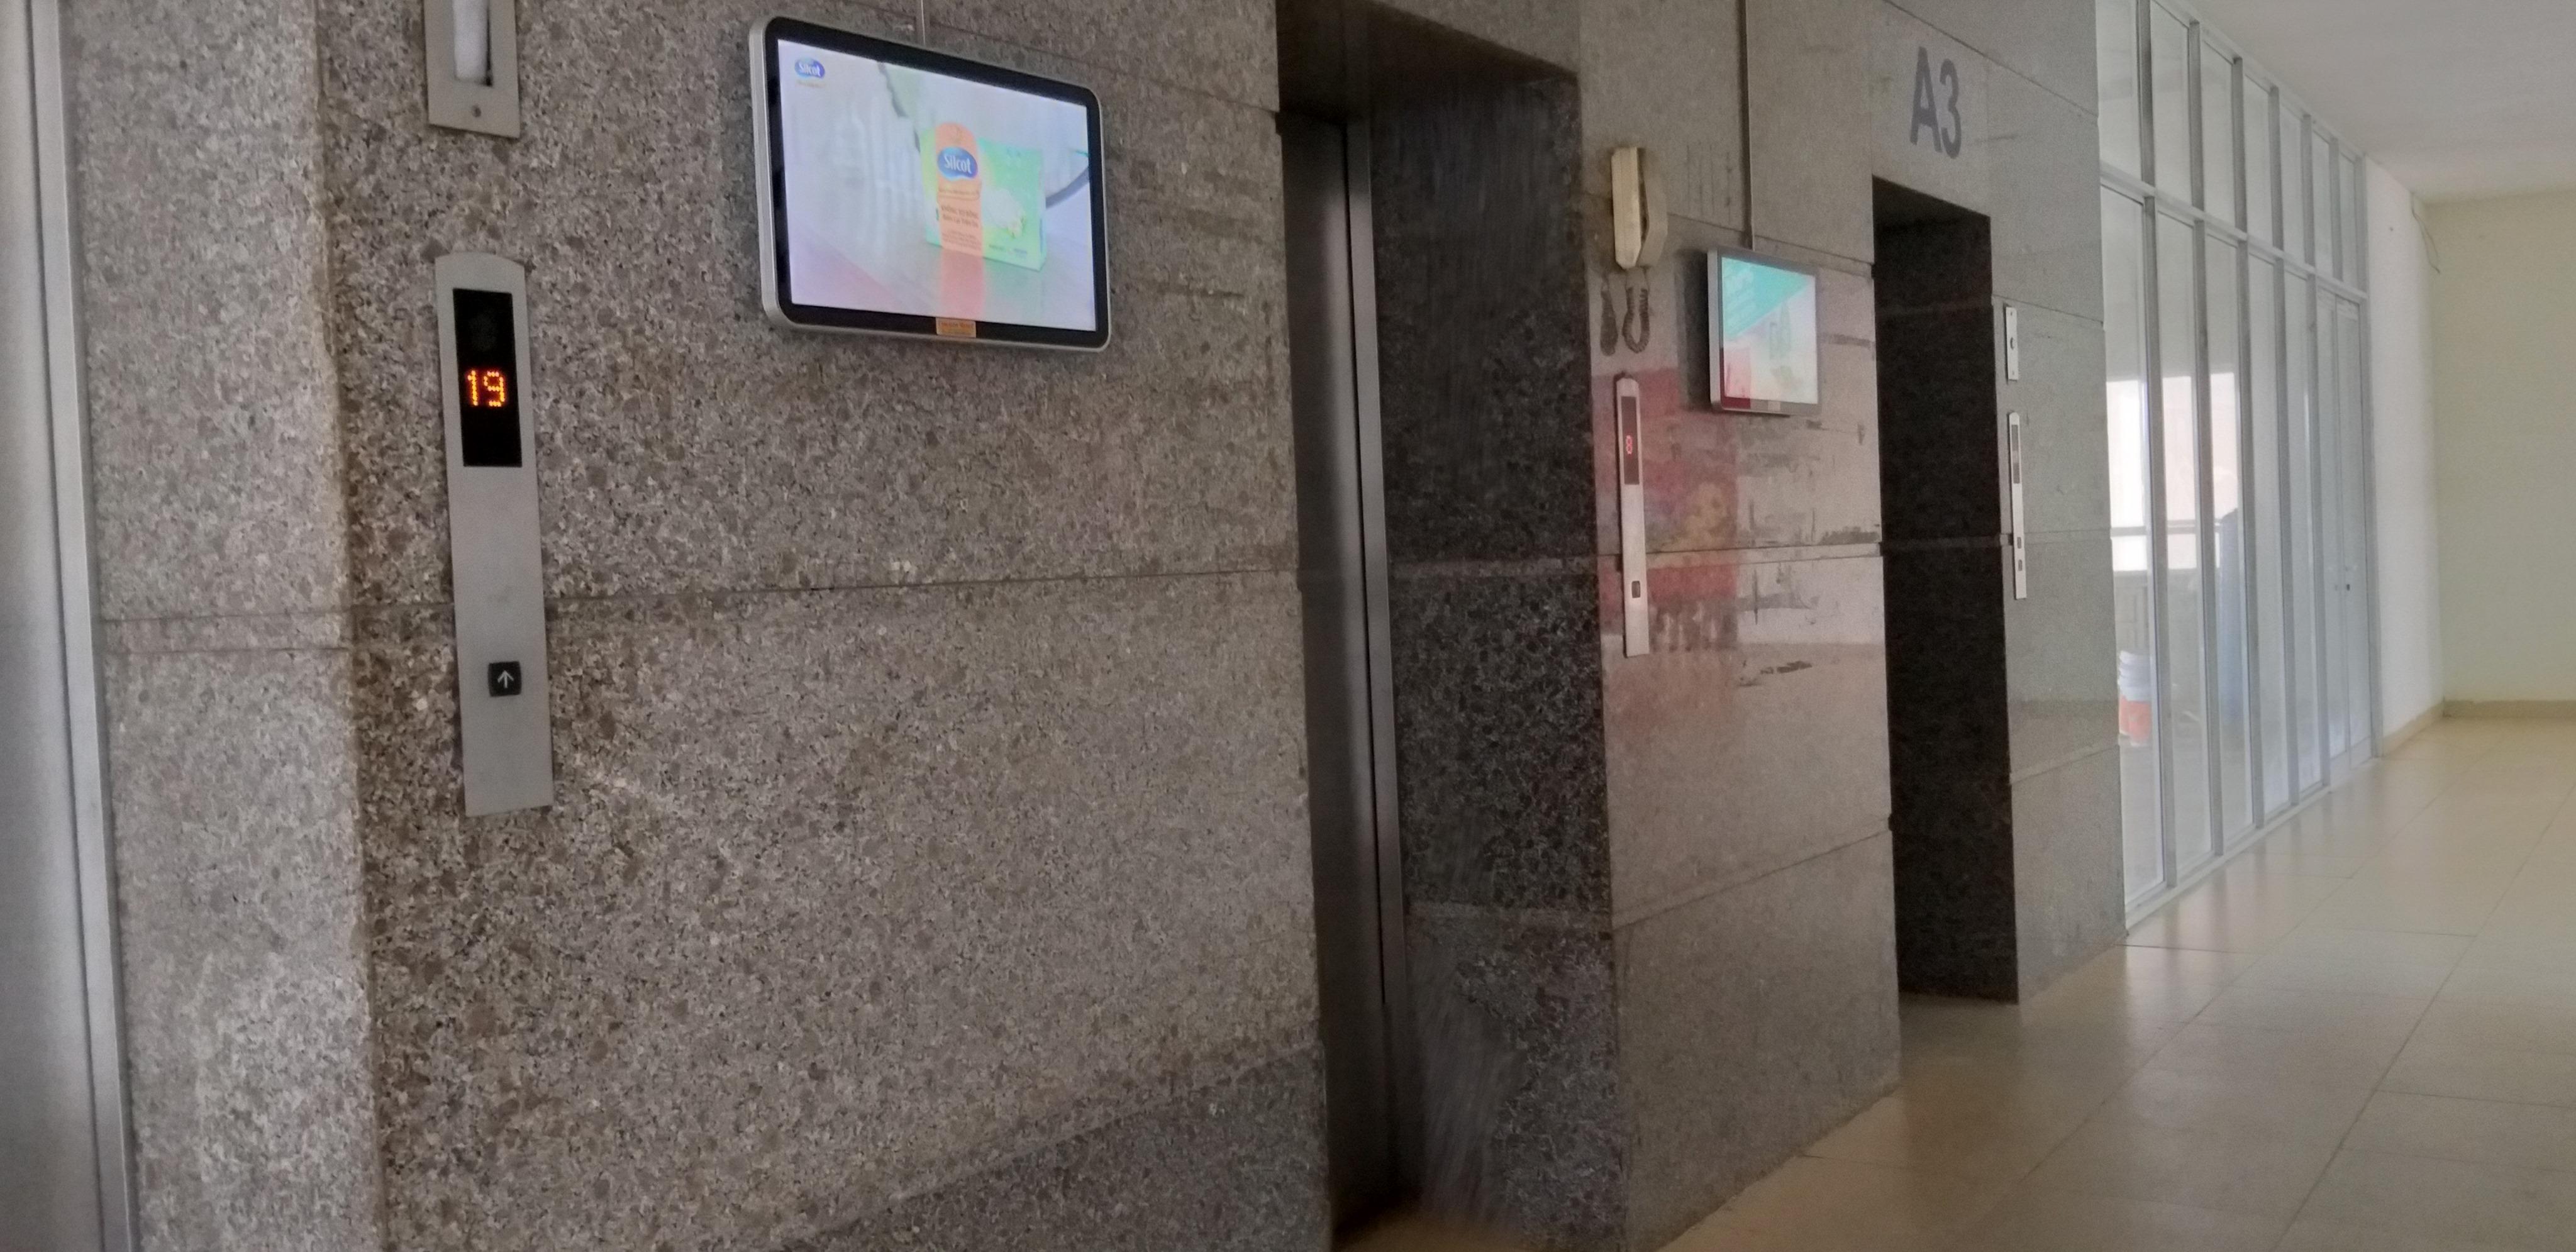 Phẫn nộ kẻ biến thái sờ mó bé gái 10 tuổi trong thang máy ở Hà Nội